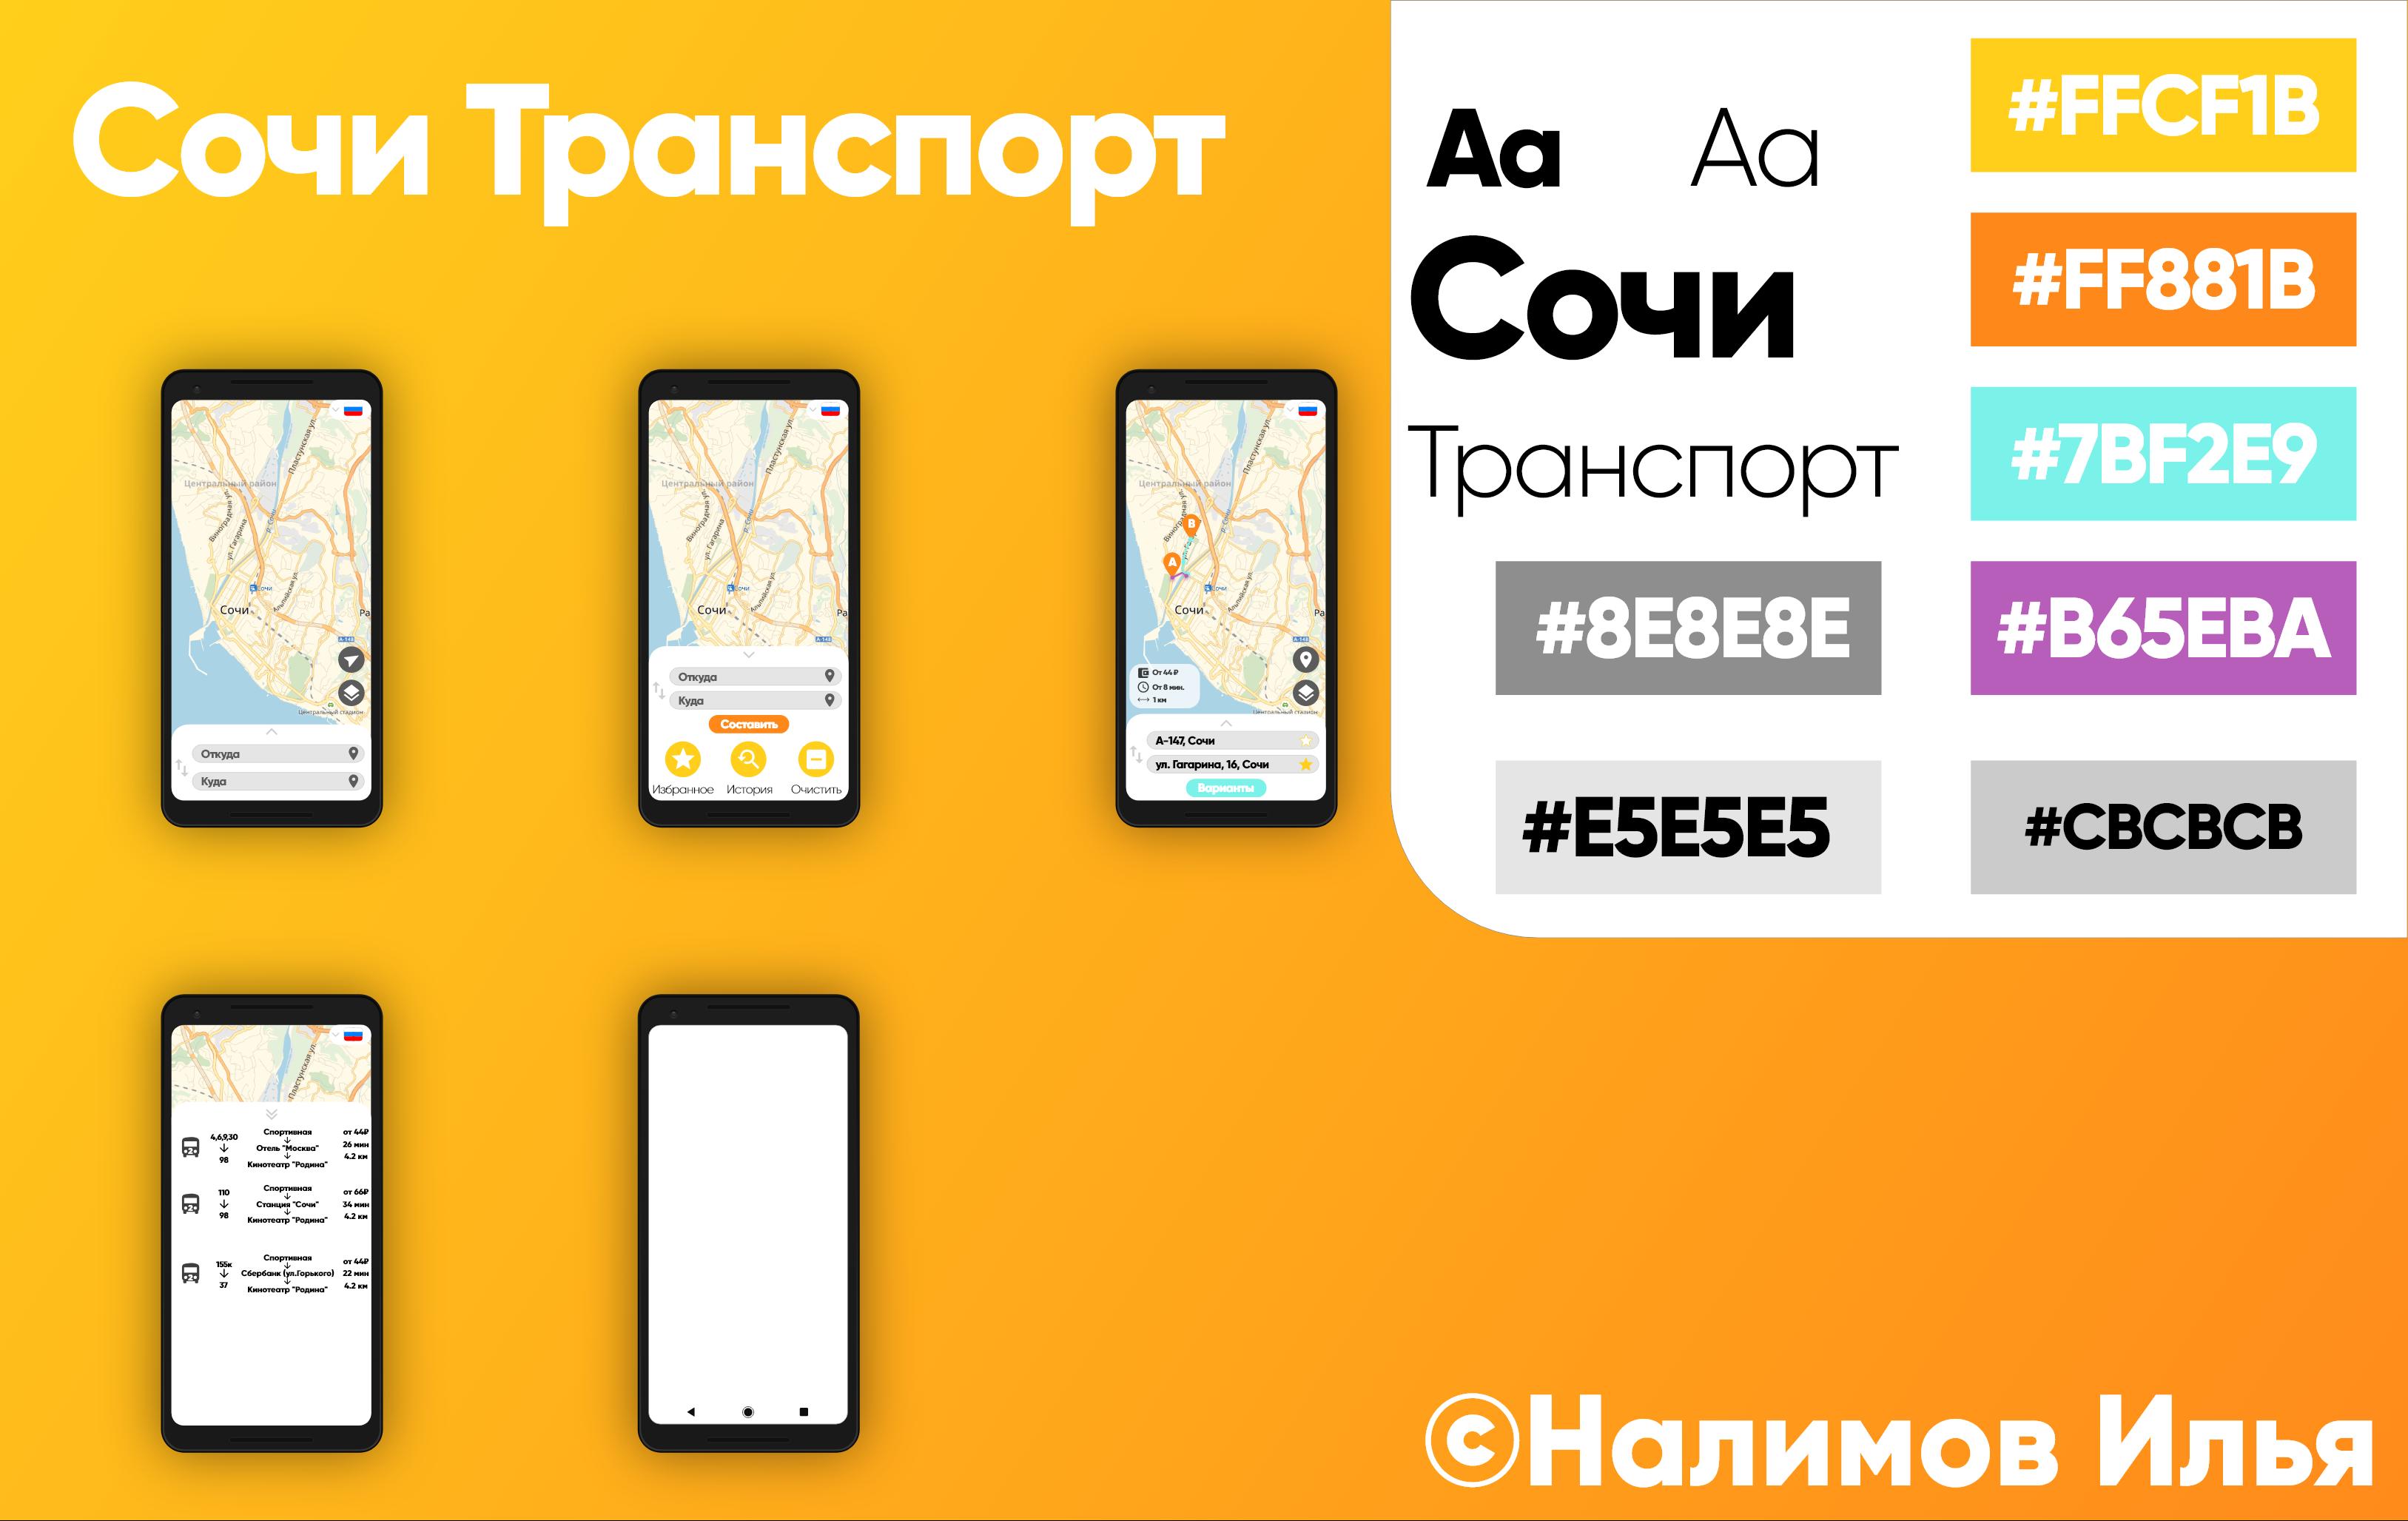 Дизайн-концепция мобильного приложения (3 экрана) фото f_7805b7cf5ba990e1.png